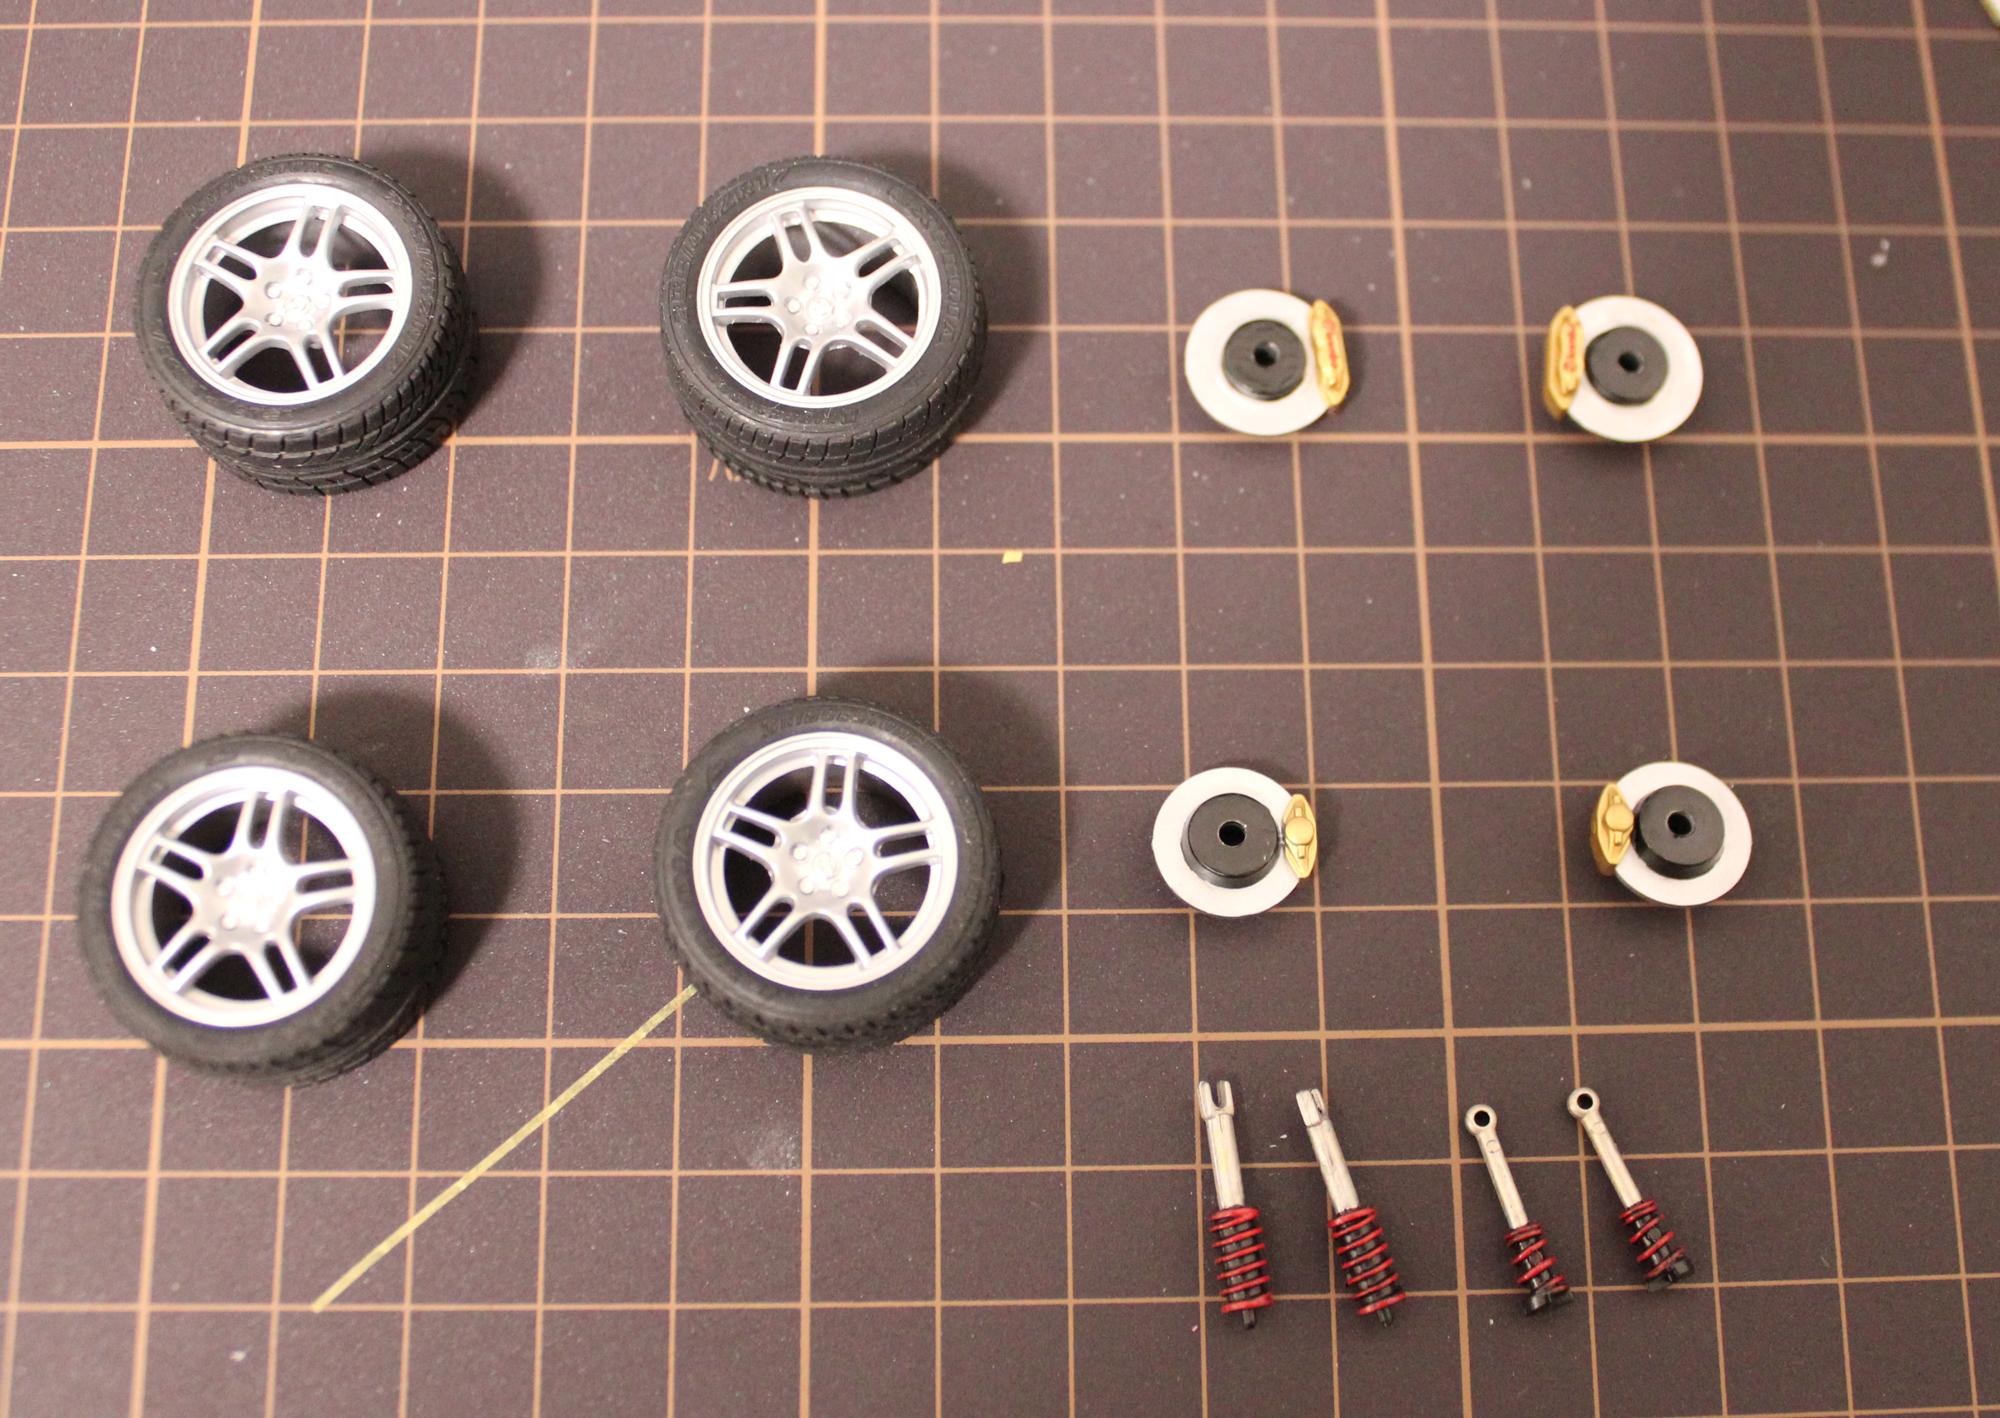 R33-GT-Rタイヤ、サス